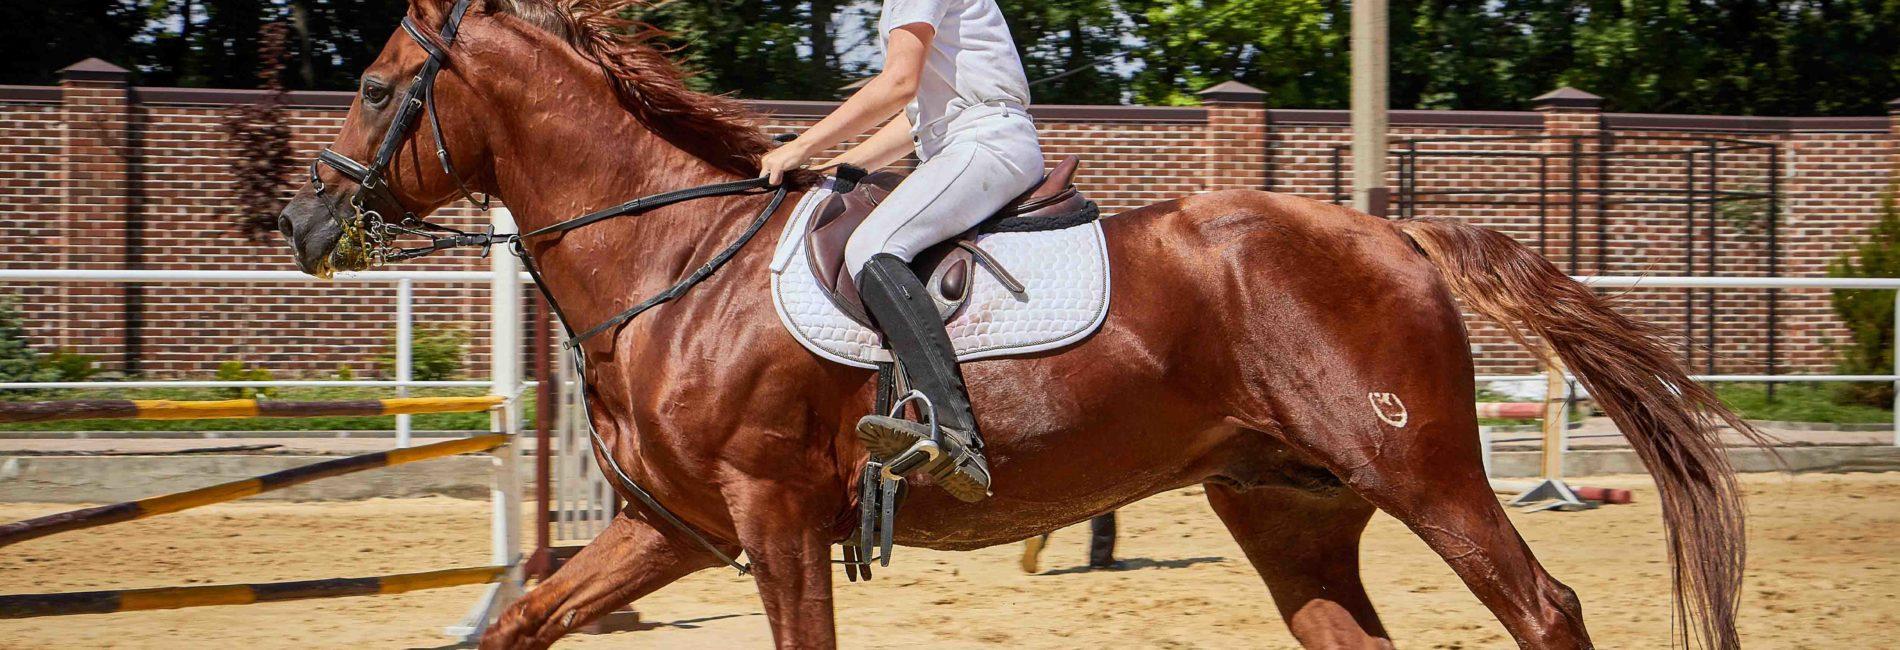 Gamaschen – der richtige Schutz für das Pferdebein